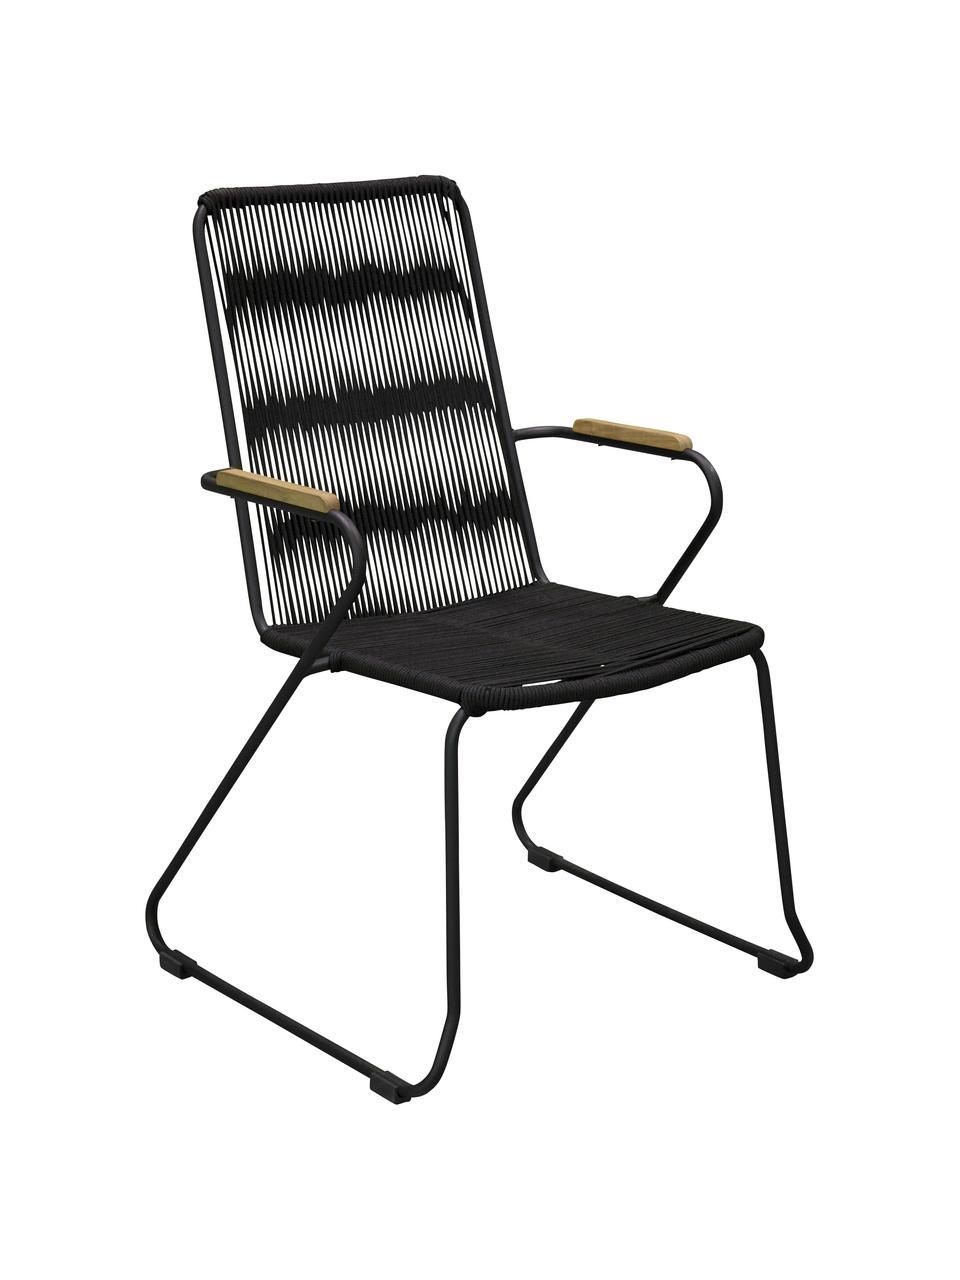 Krzesło ogrodowe z podłokietnikami Bois, 2 szt., Stelaż: metal lakierowany, Czarny, brązowy, S 60 x G 63 cm